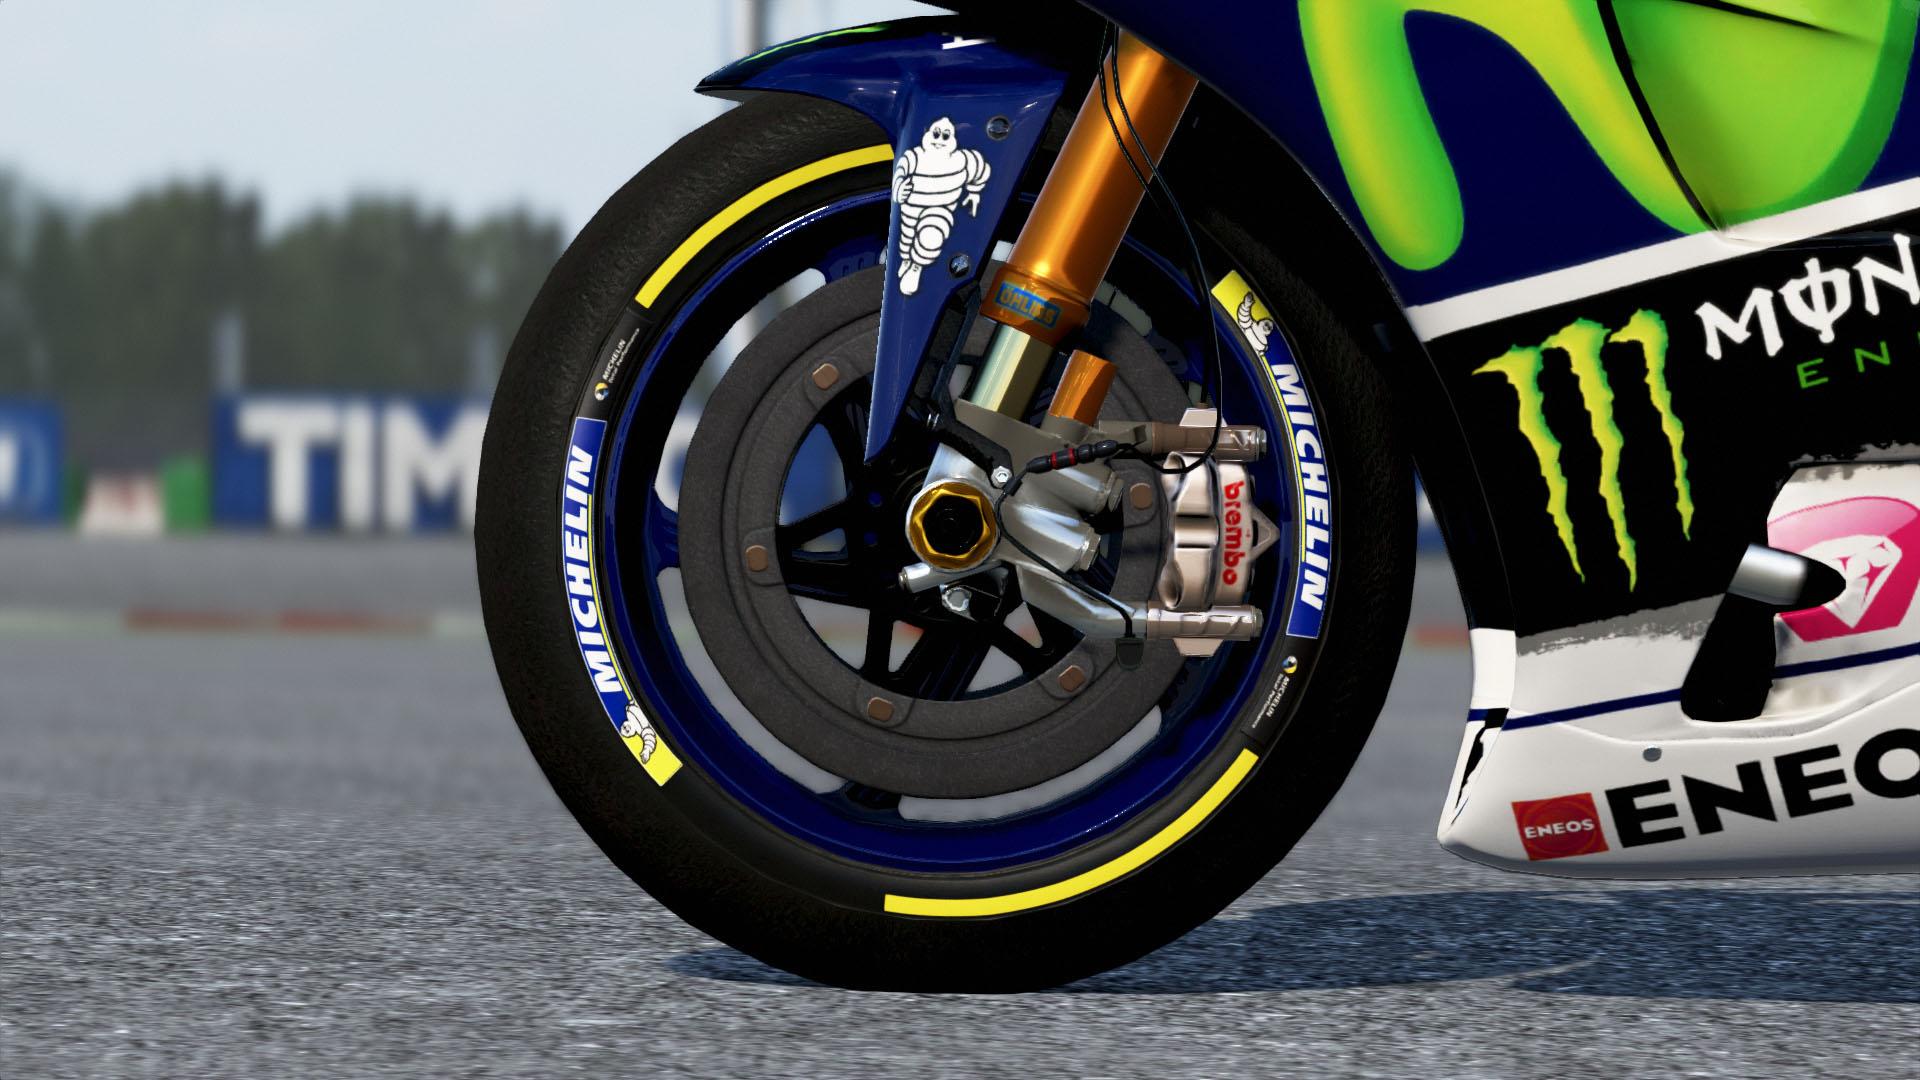 MotoGP15X64 2016-03-21 12-49-48-90.jpg